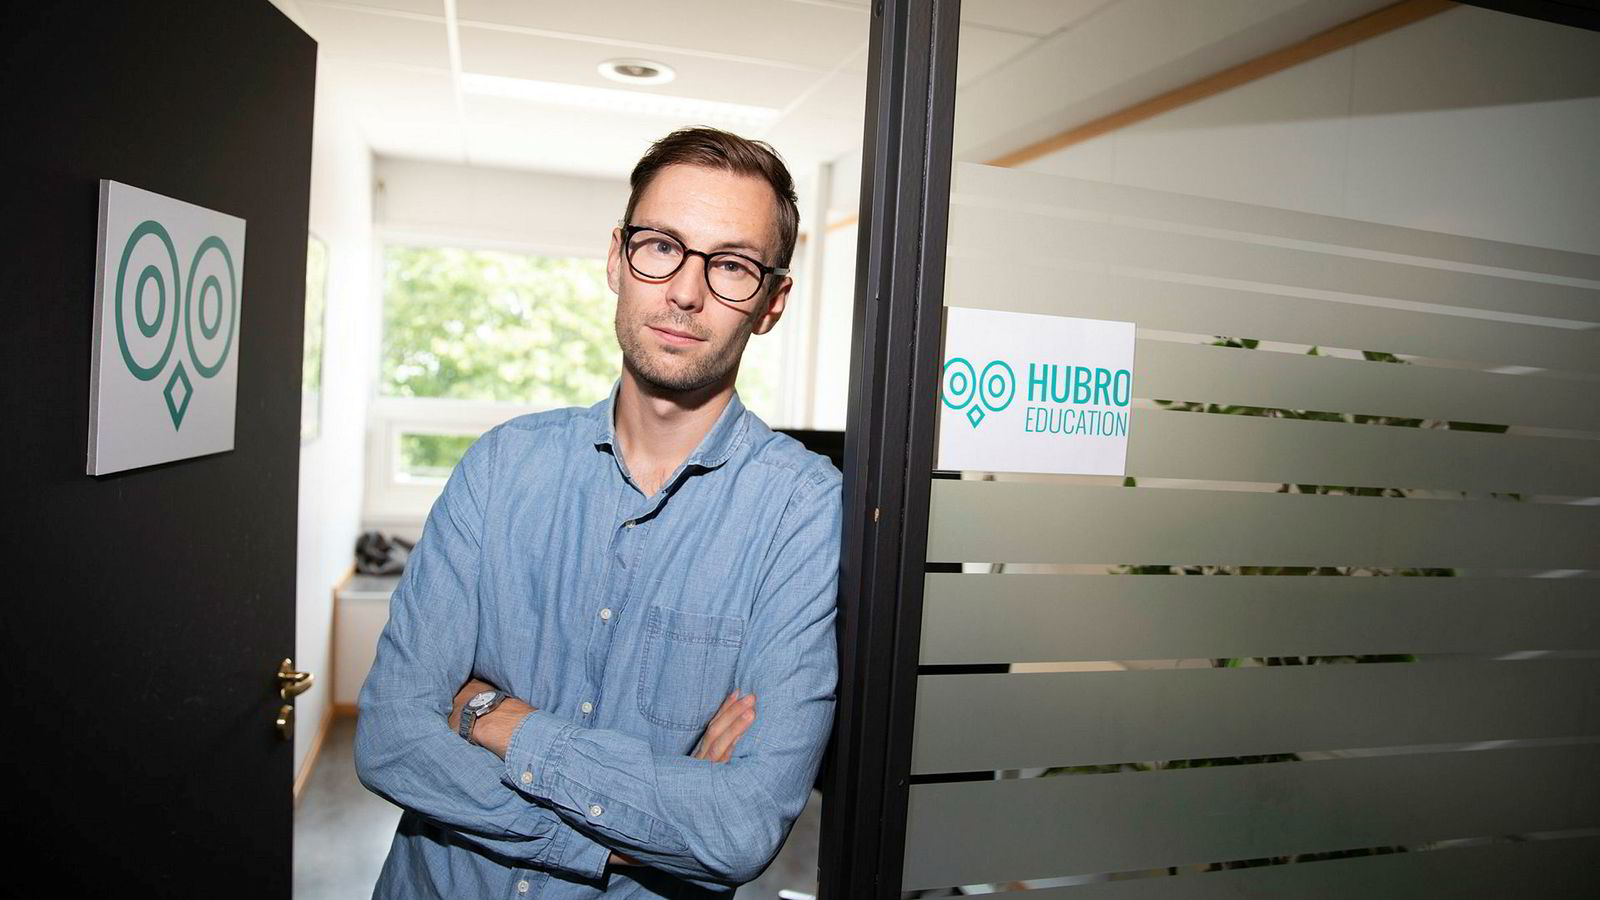 Emil Johan Oliver (29) jobber med å forbedre undervisningsmetoder for høyskoler og universiteter i Norge, og virksomheten Hubro Education as i 2015. Han reagerer på at NHH kutter i videoundervisning.